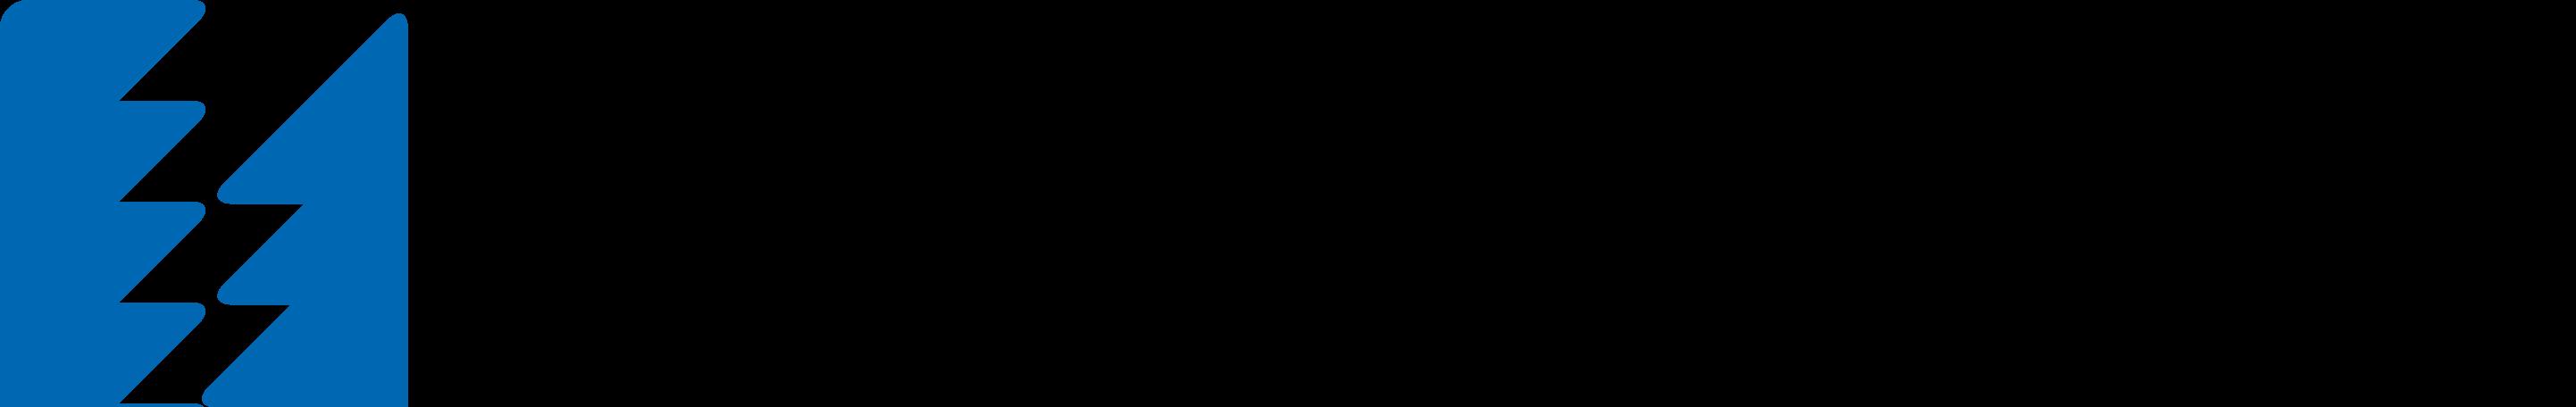 Sirex Medica_DASIL 2018